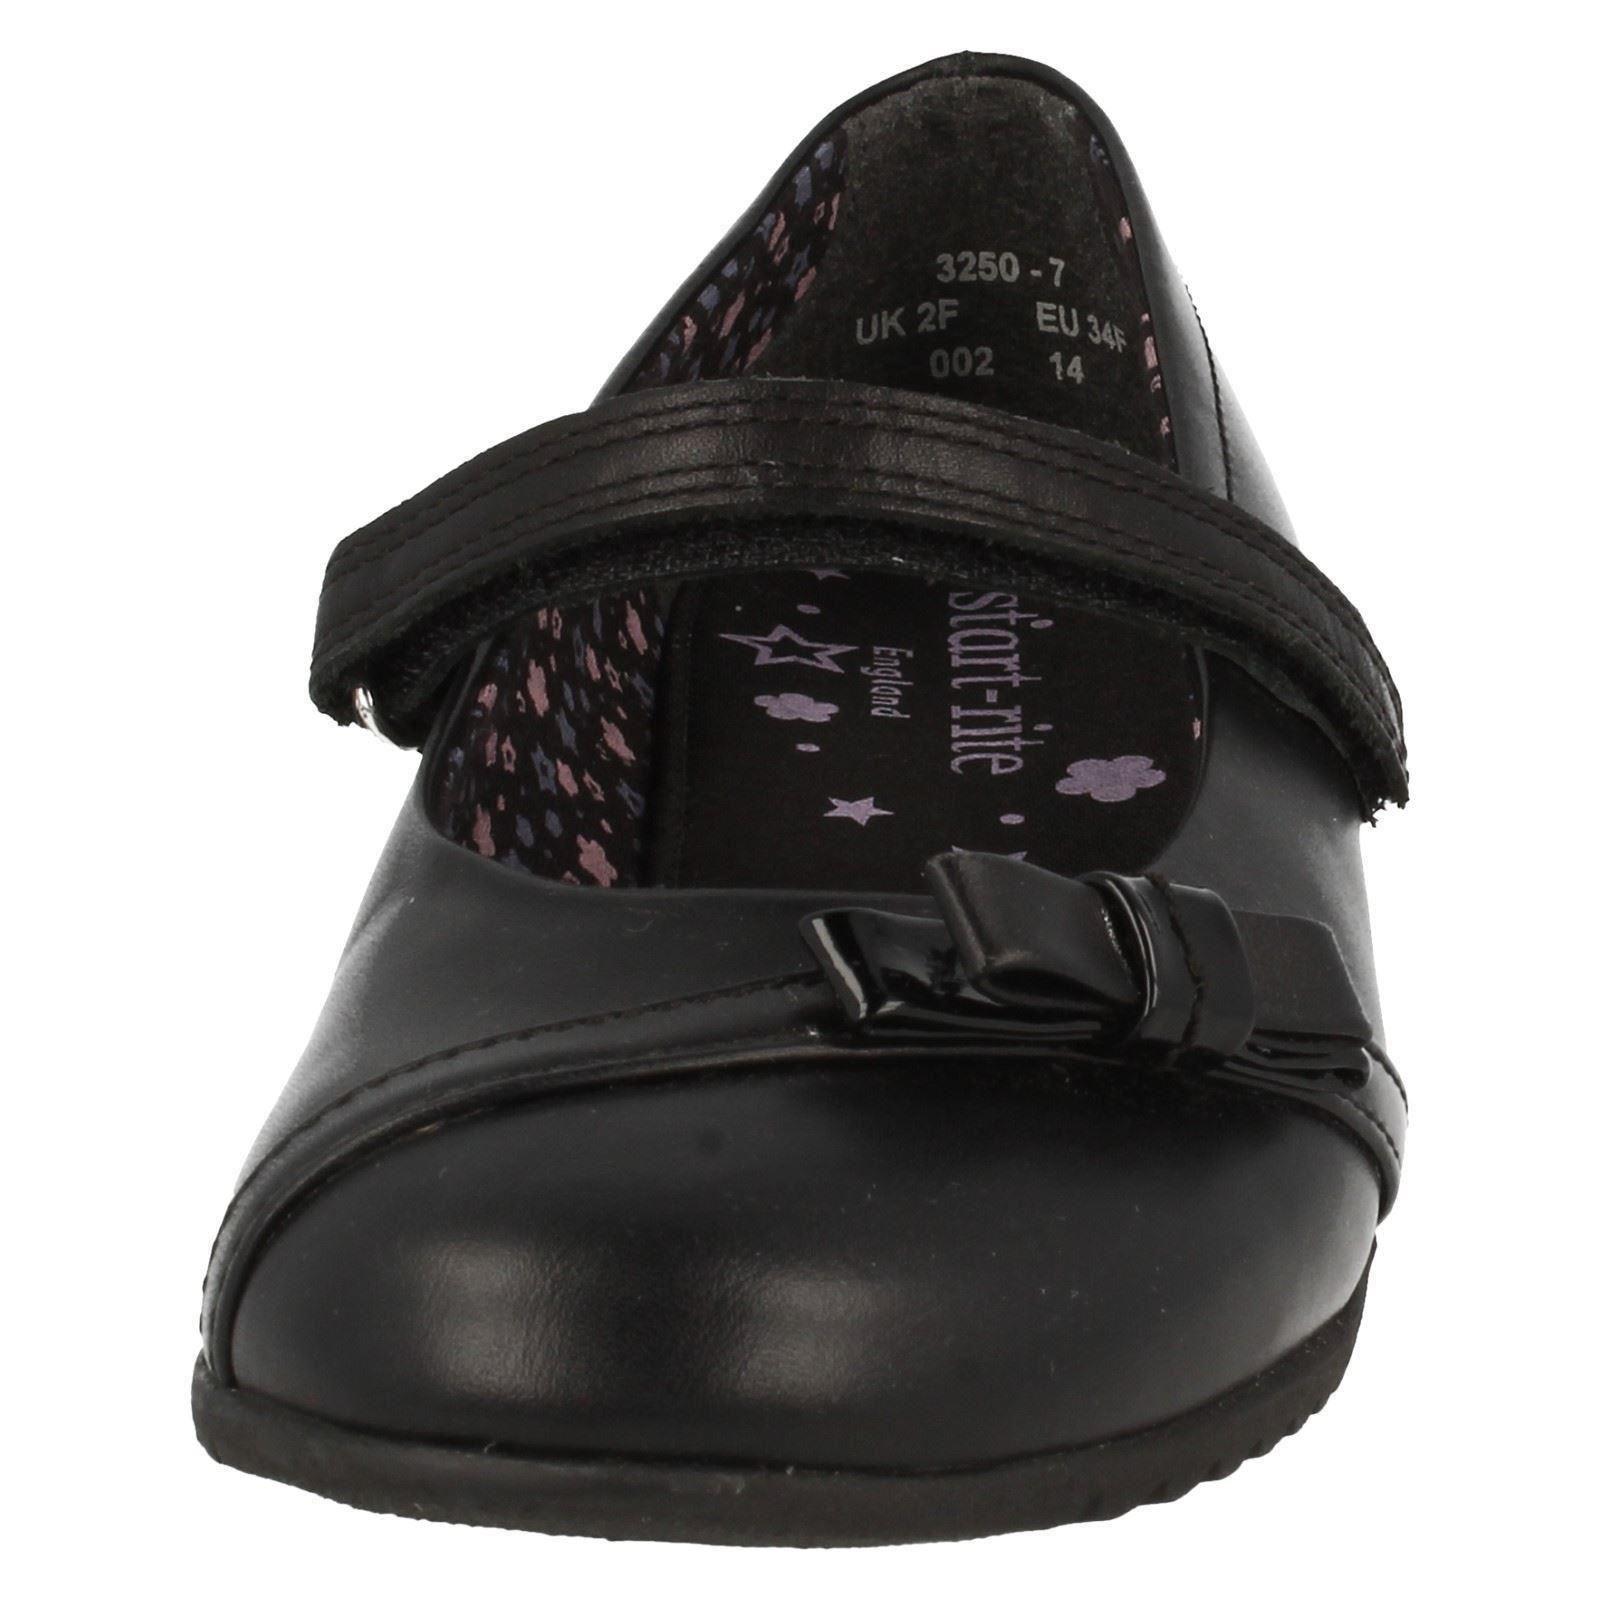 Senior Niñas Startrite Zapatos Rigel